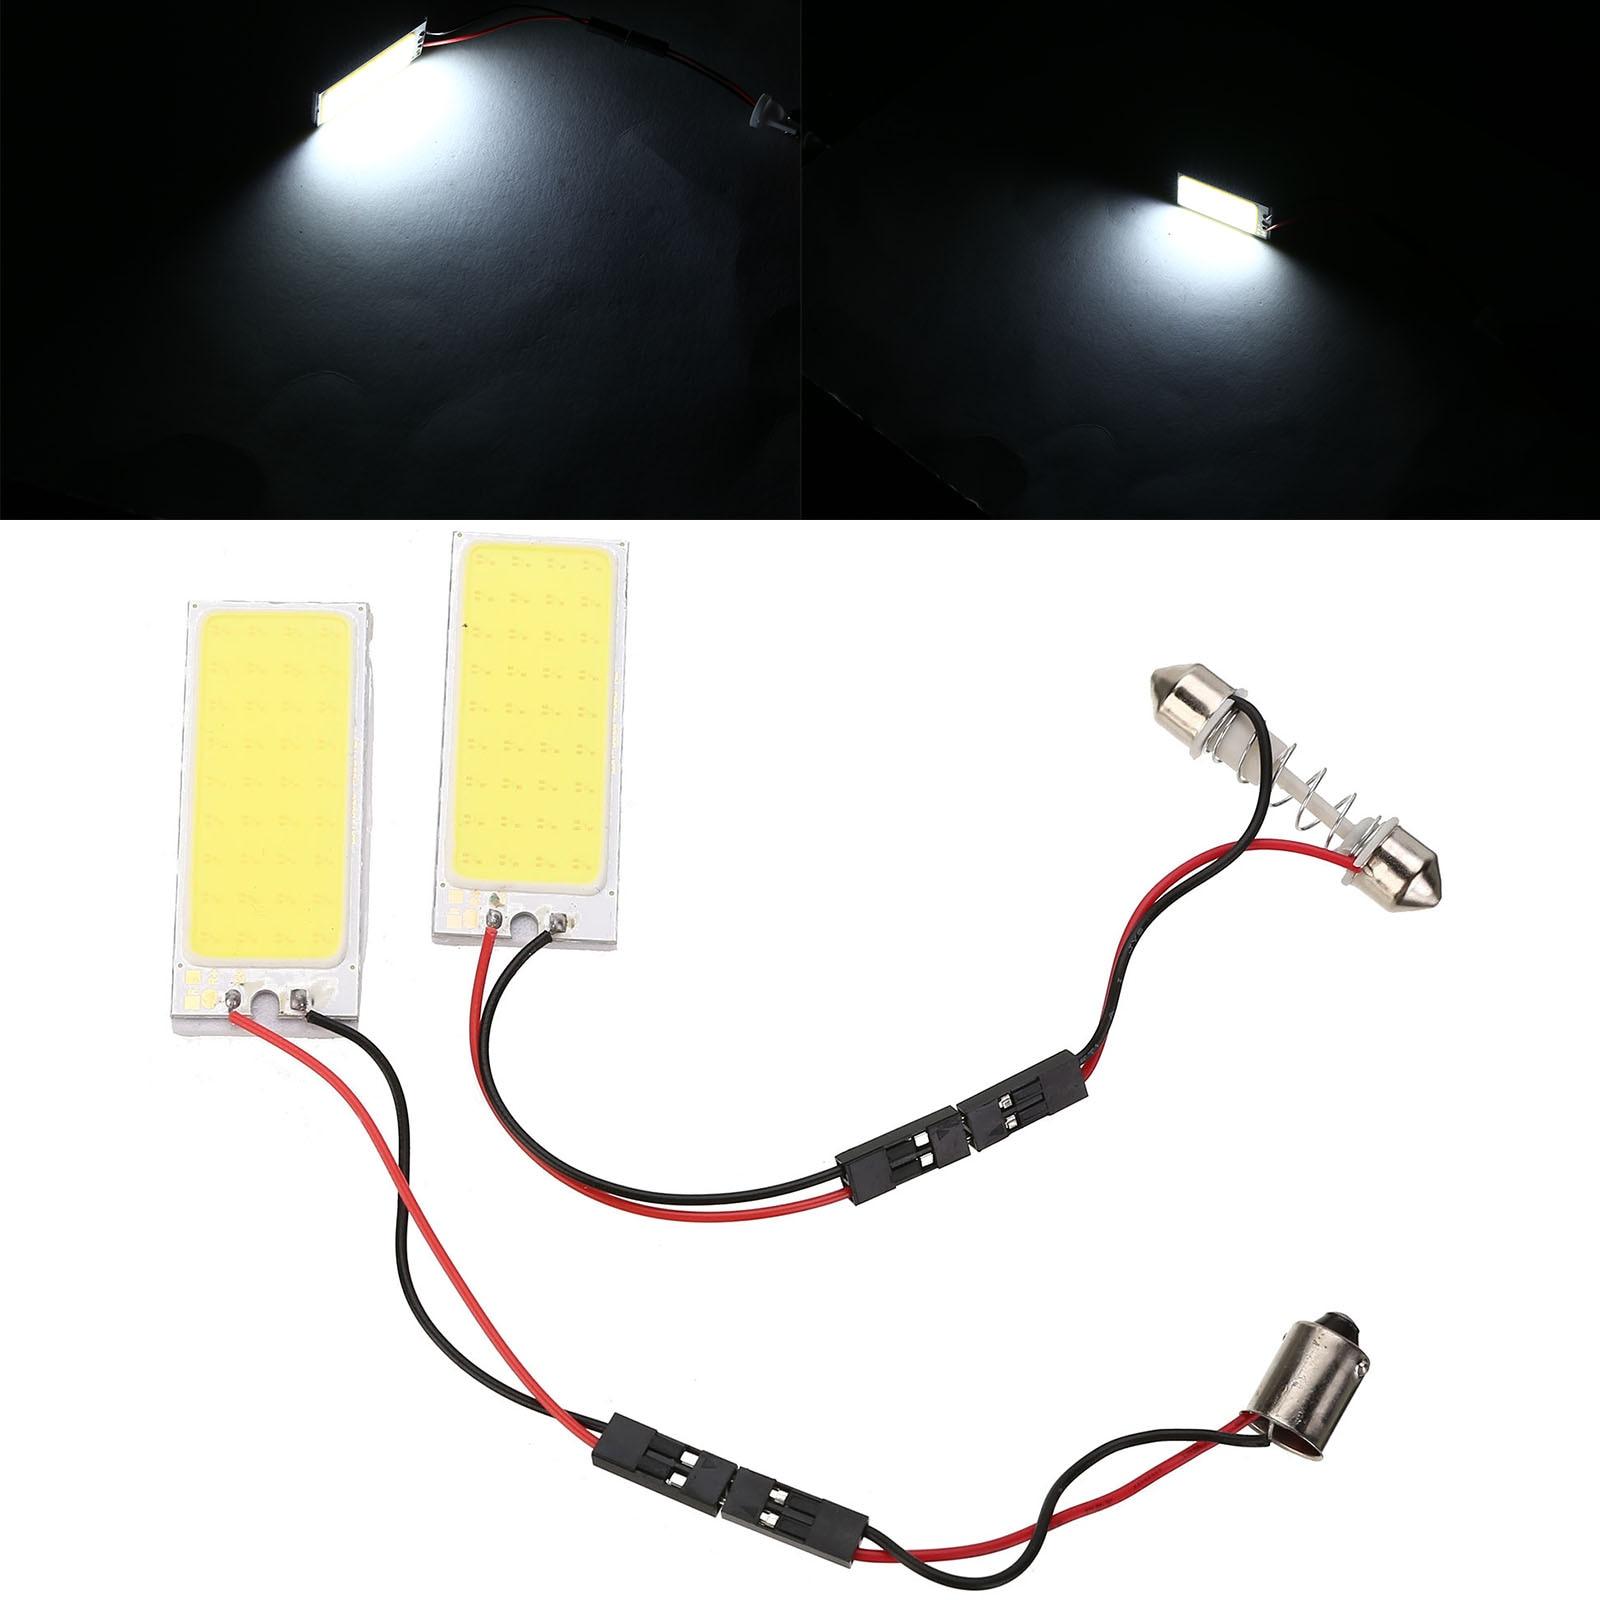 2PCS/SET 12V T10 Festoon Car Interior Light 6W 36 SMD COB LED Auto Dome Panel BA9S Light Bulb DC 12V Super White t10 1 68w 24 3020 smd led white light car steering lamps dc 12v 2 pcs